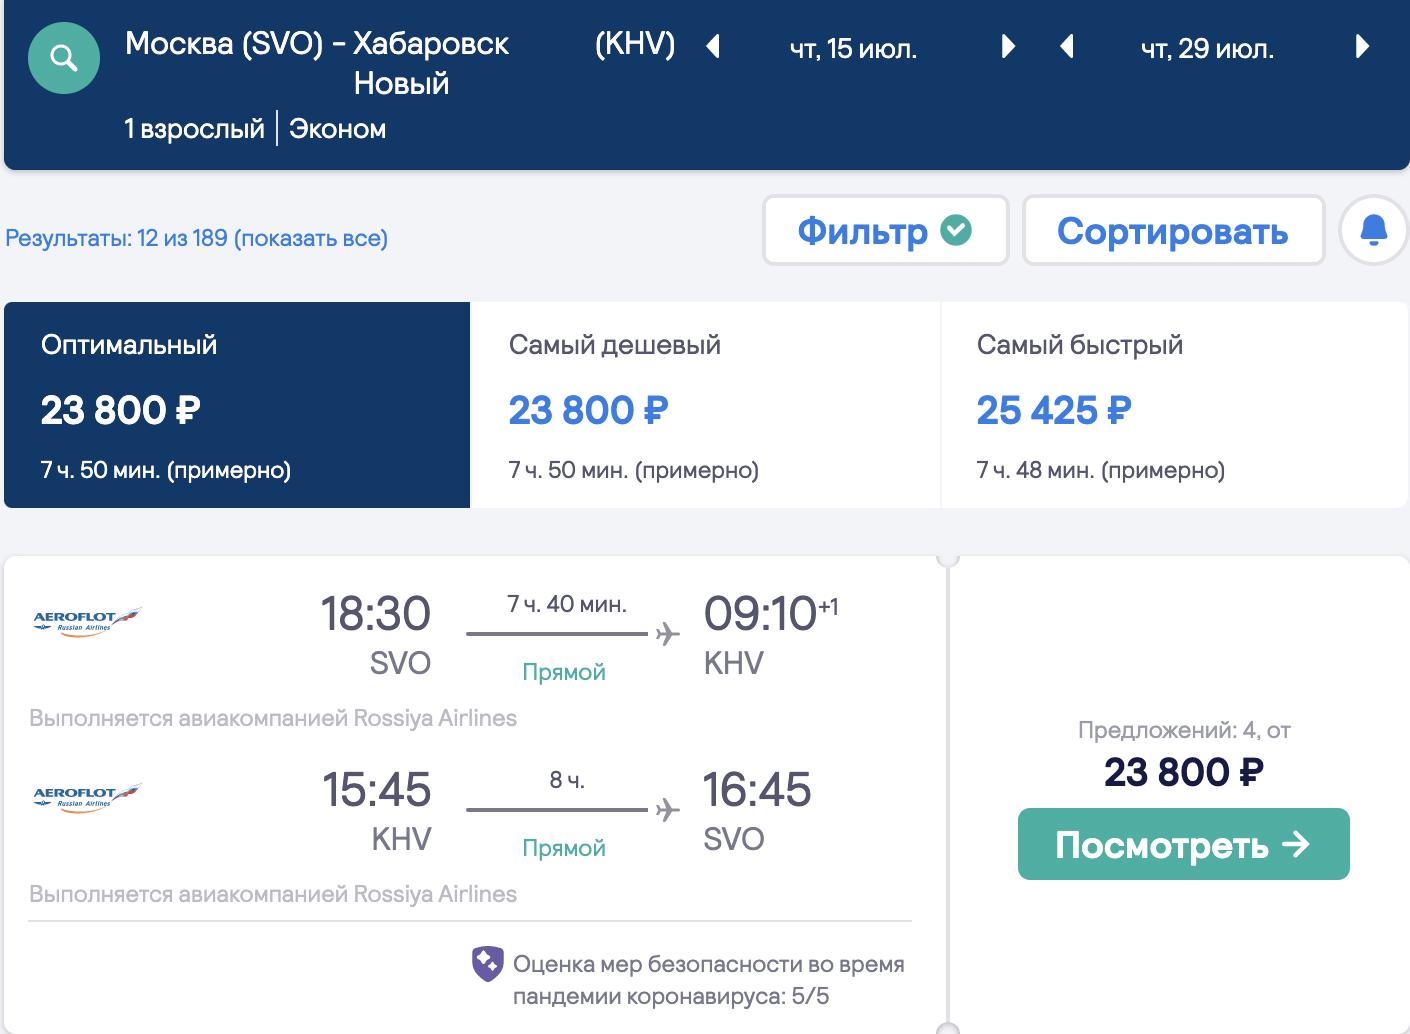 Все лето! Аэрофлотом из Москвы на Дальний Восток: Сахалин, Камчатка, Владивосток, Хабаровск за 23800₽ туда-обратно